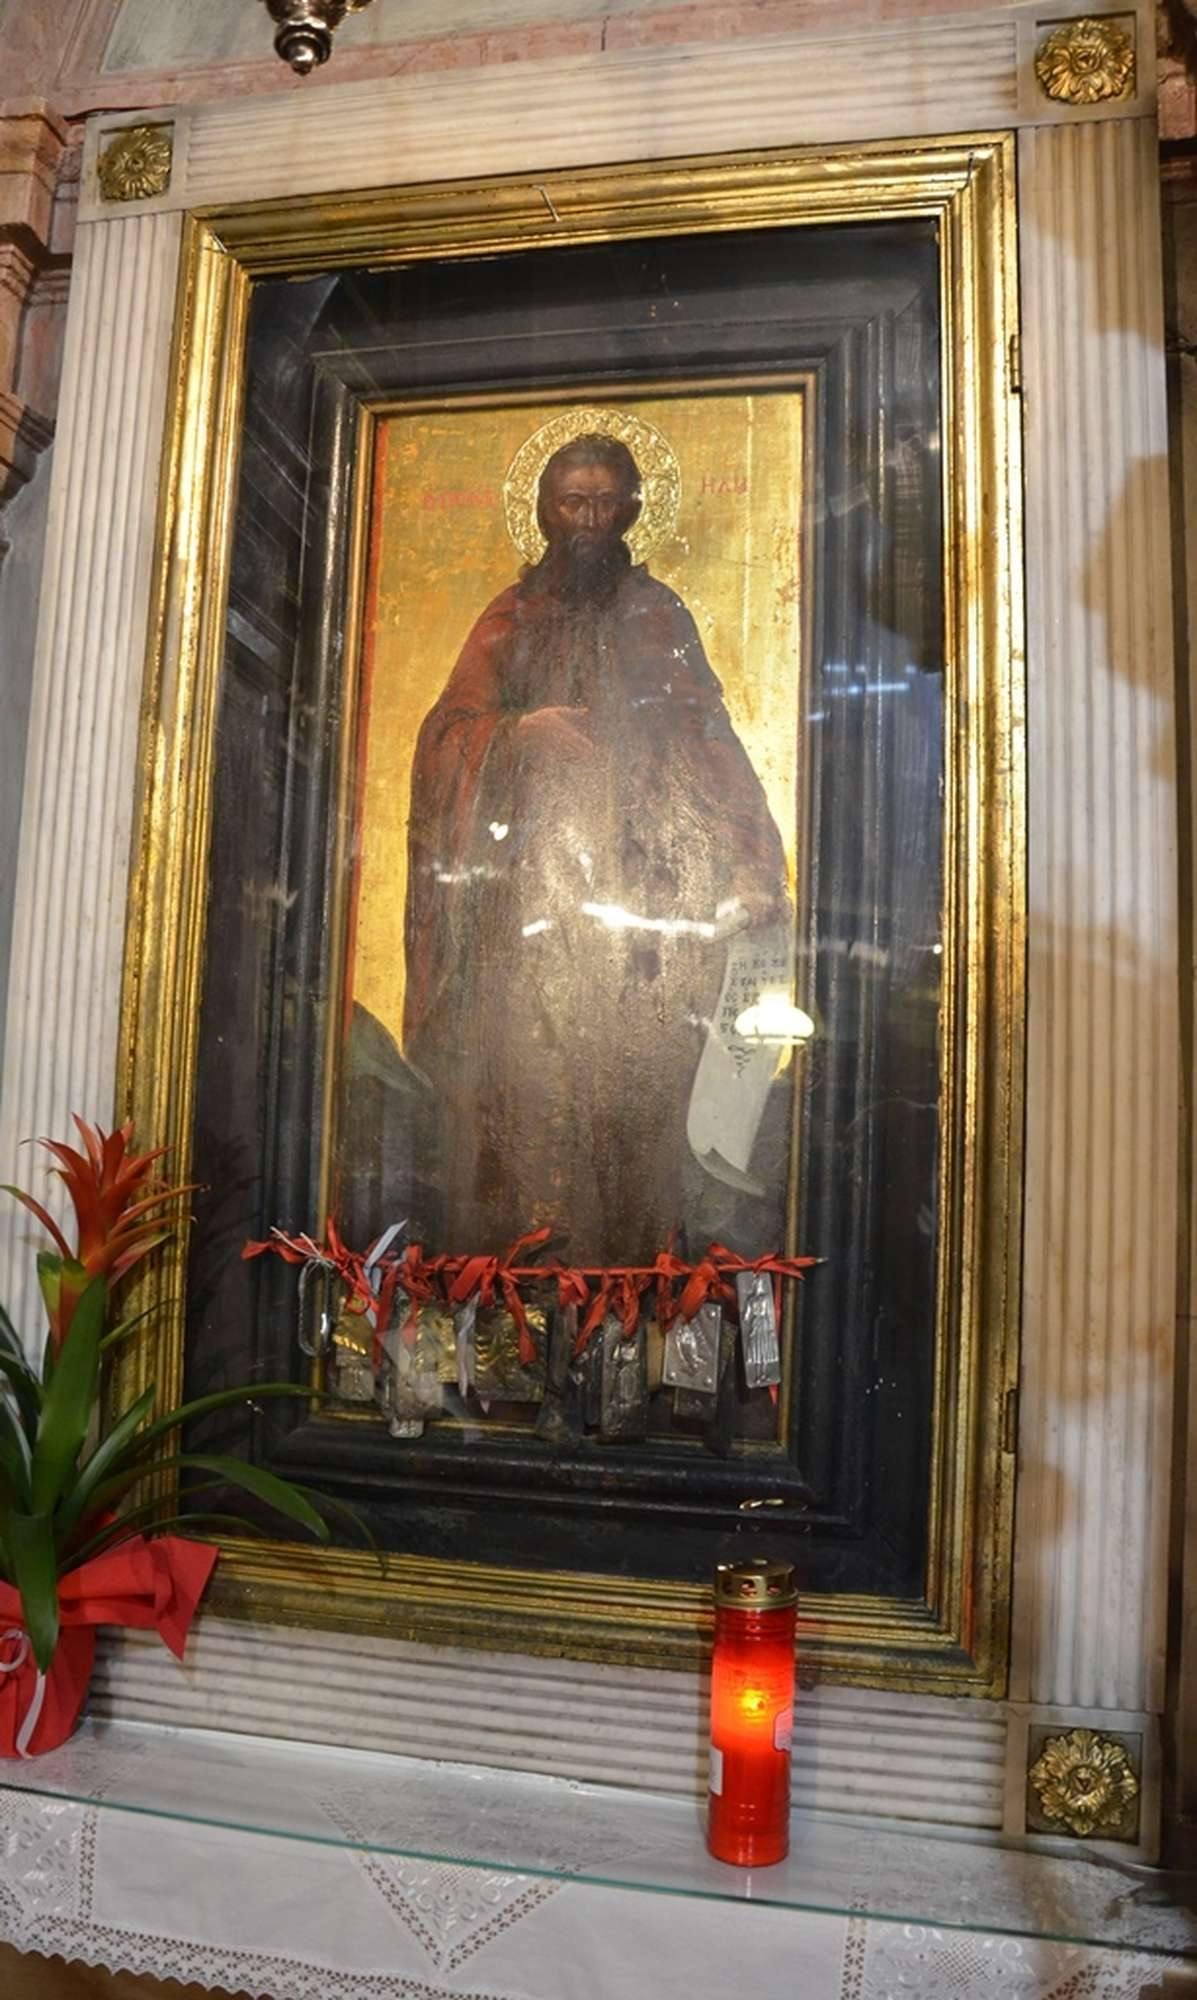 Чудотворная икона святой пророка Ильи в храме Богородицы тон Ксенон-Фанеромени